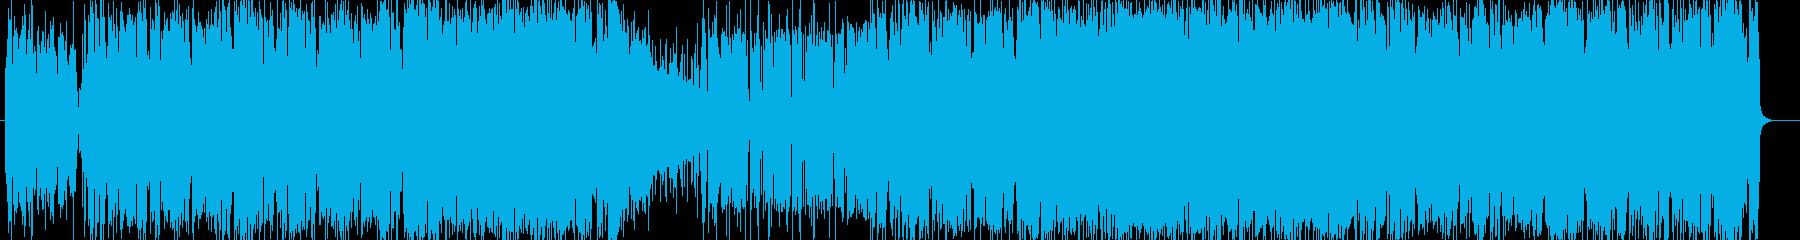 アップテンポのシンセハウスの再生済みの波形